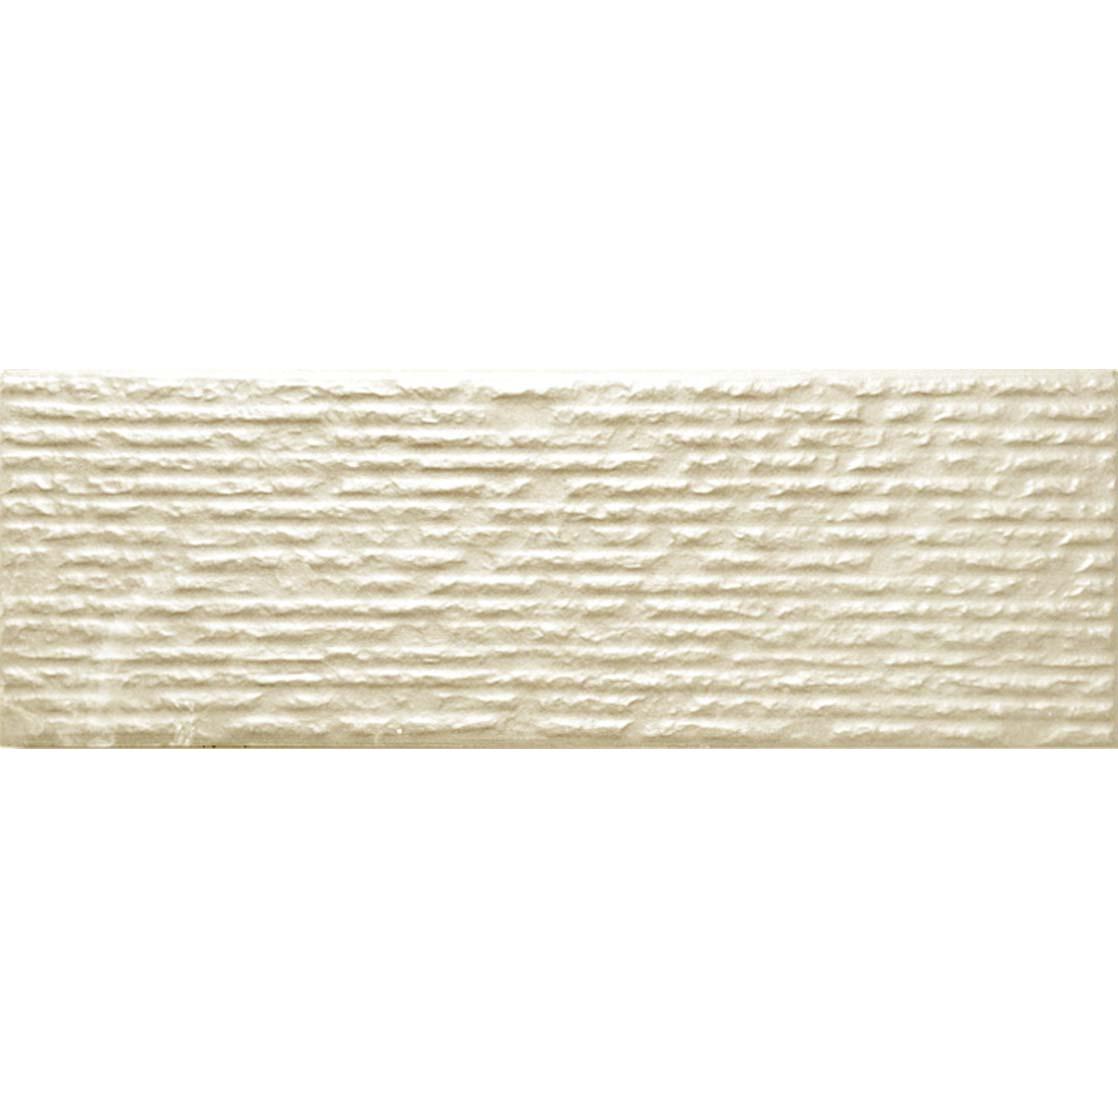 Gạch thẻ trang trí Viglacera CL1324 giá rẻ